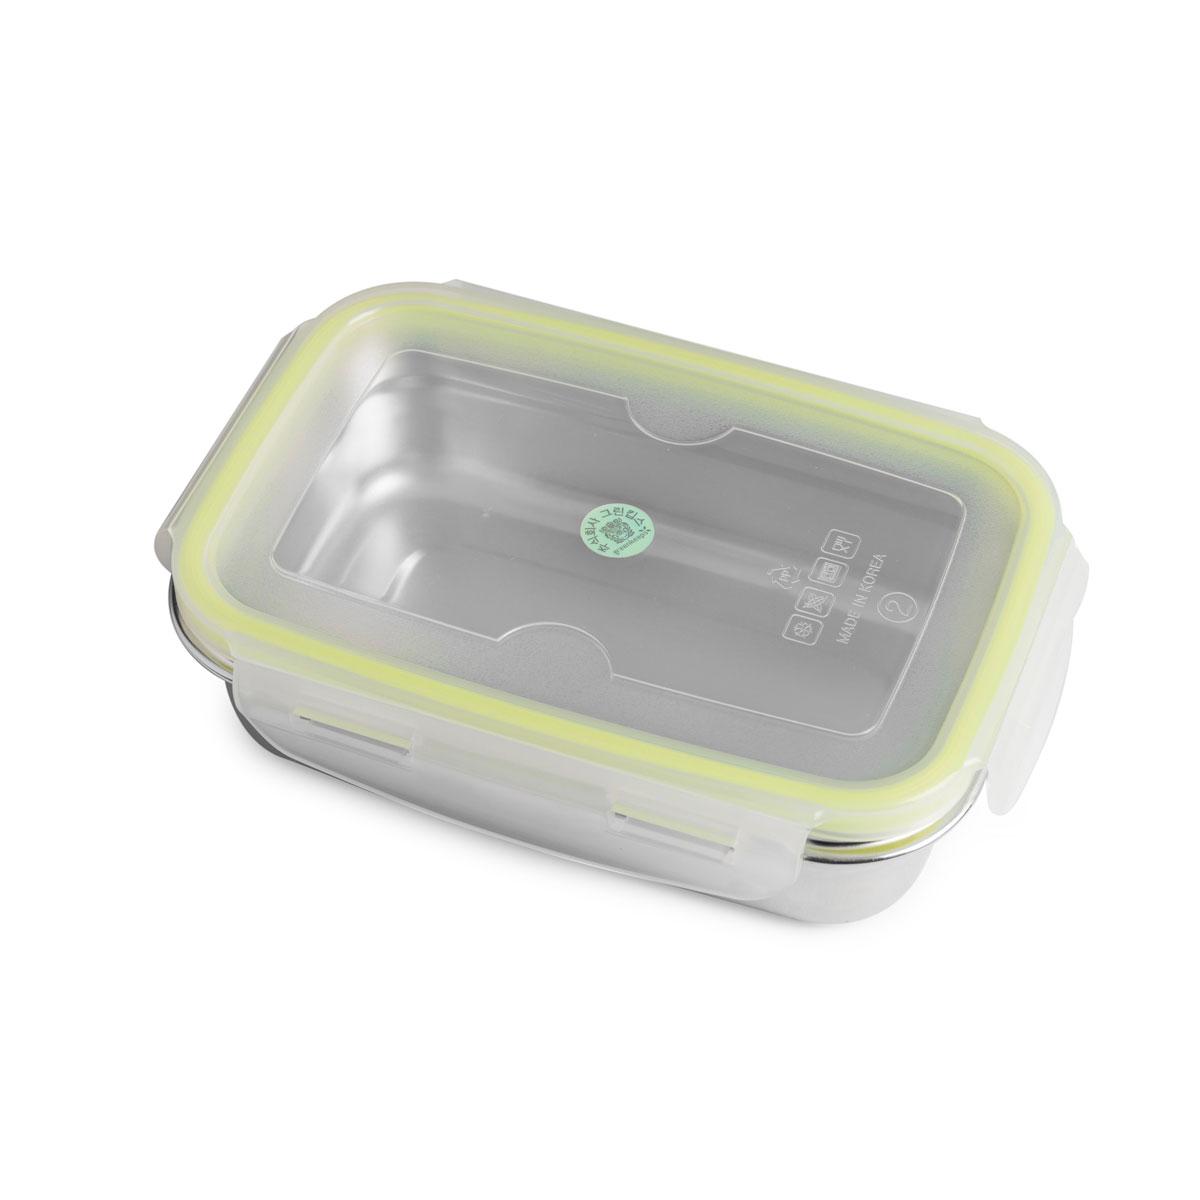 """Lunchbox Small 650ml aus Edelstahl mit praktischem Klickverschluss """"Brotzeit Klick"""" - 100% BPA frei, fest verschliessbar von Brotzeit"""